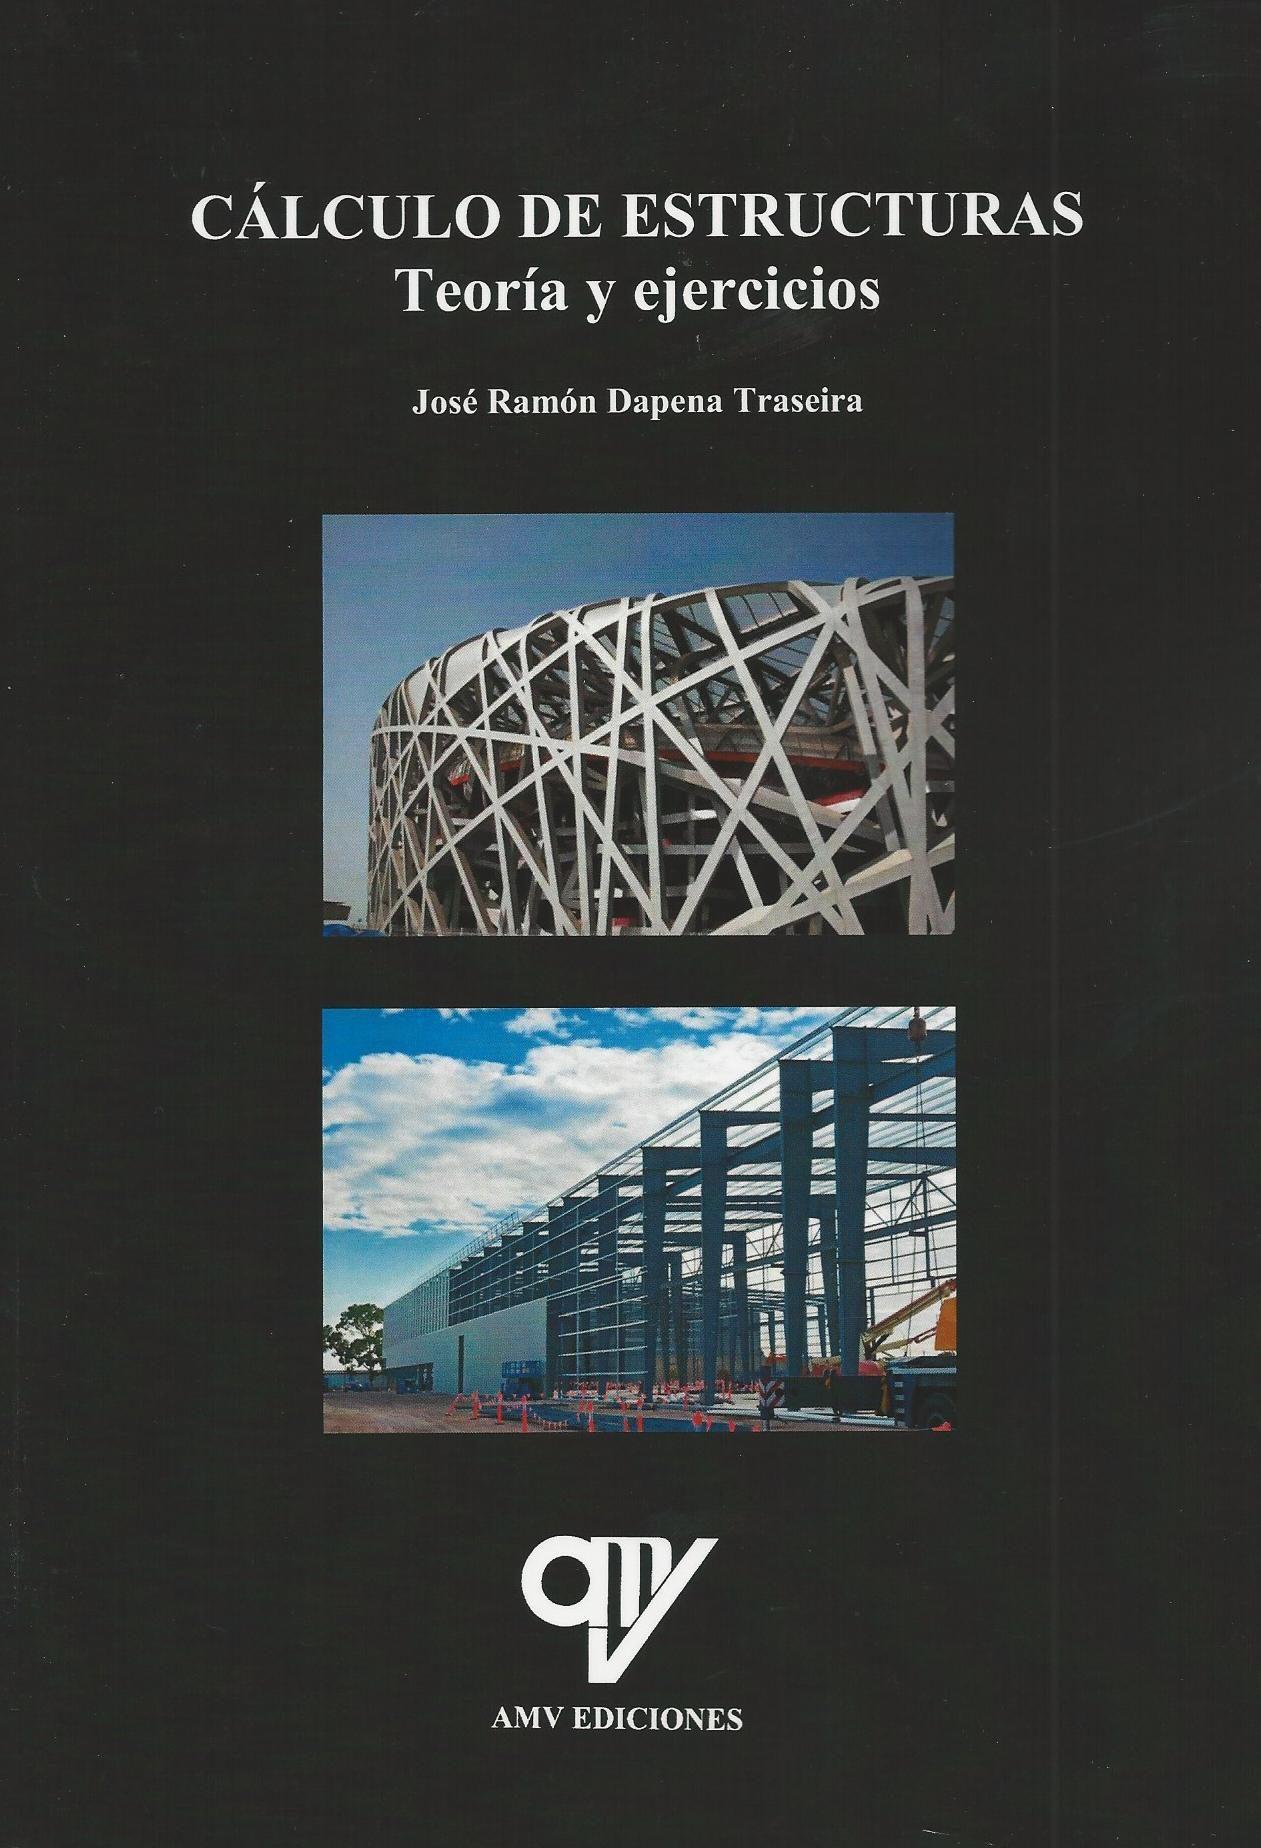 Cálculo De Estructuras. Teoría Y Ejercicios por Jose Ramon Dapena Traseira